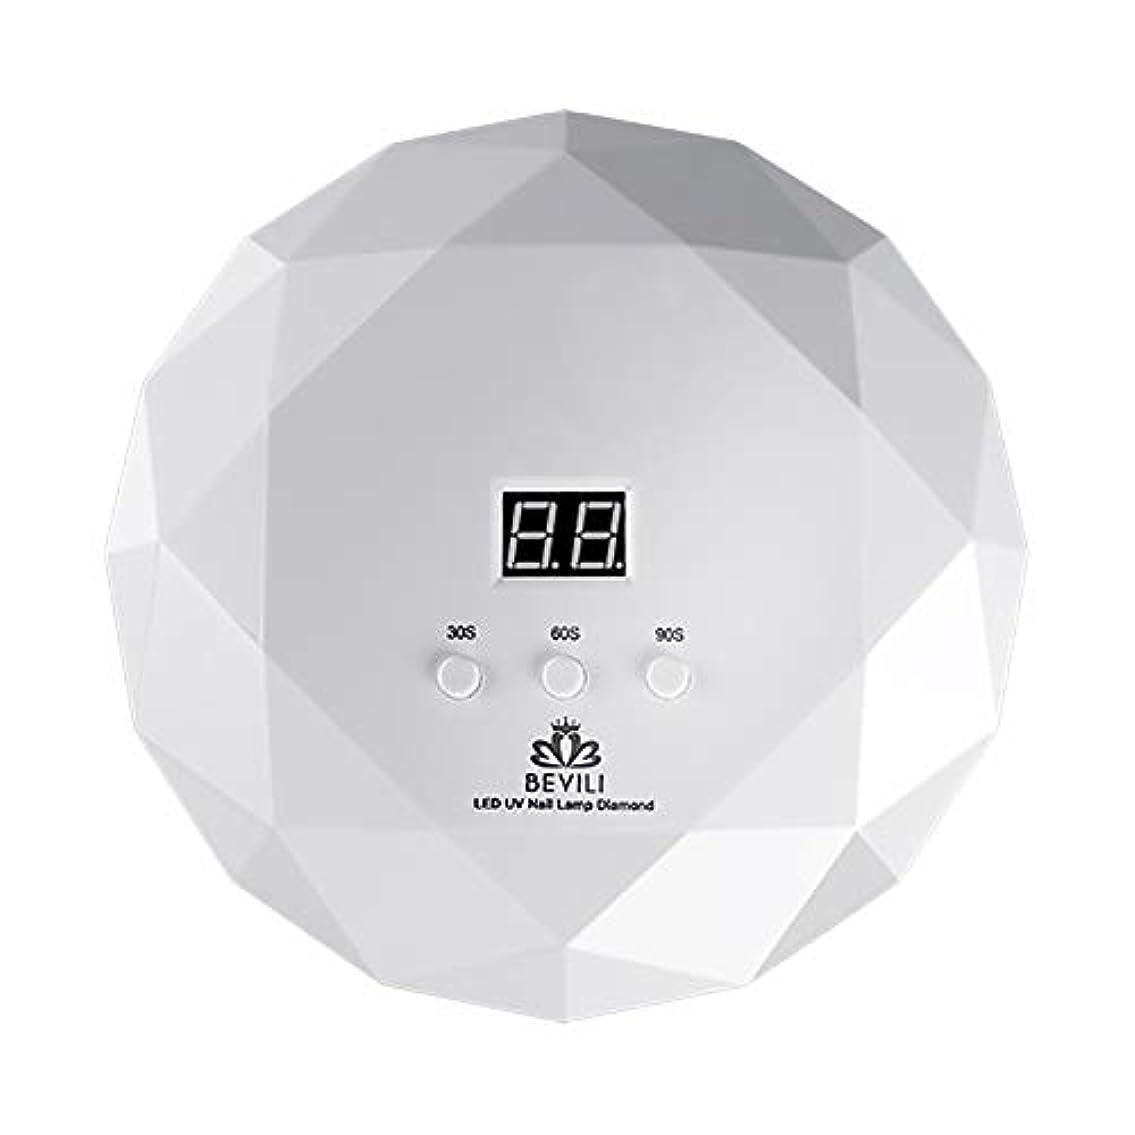 囲まれた垂直感じLITI LEDネイルドライヤー UVネイルライト 36Wハイパワー 自動センサー 3段階タイマー設定 高速硬化ジェルネイルライト UVとLEDダブルライト肌をケア ジェルネイル用 ホワイト